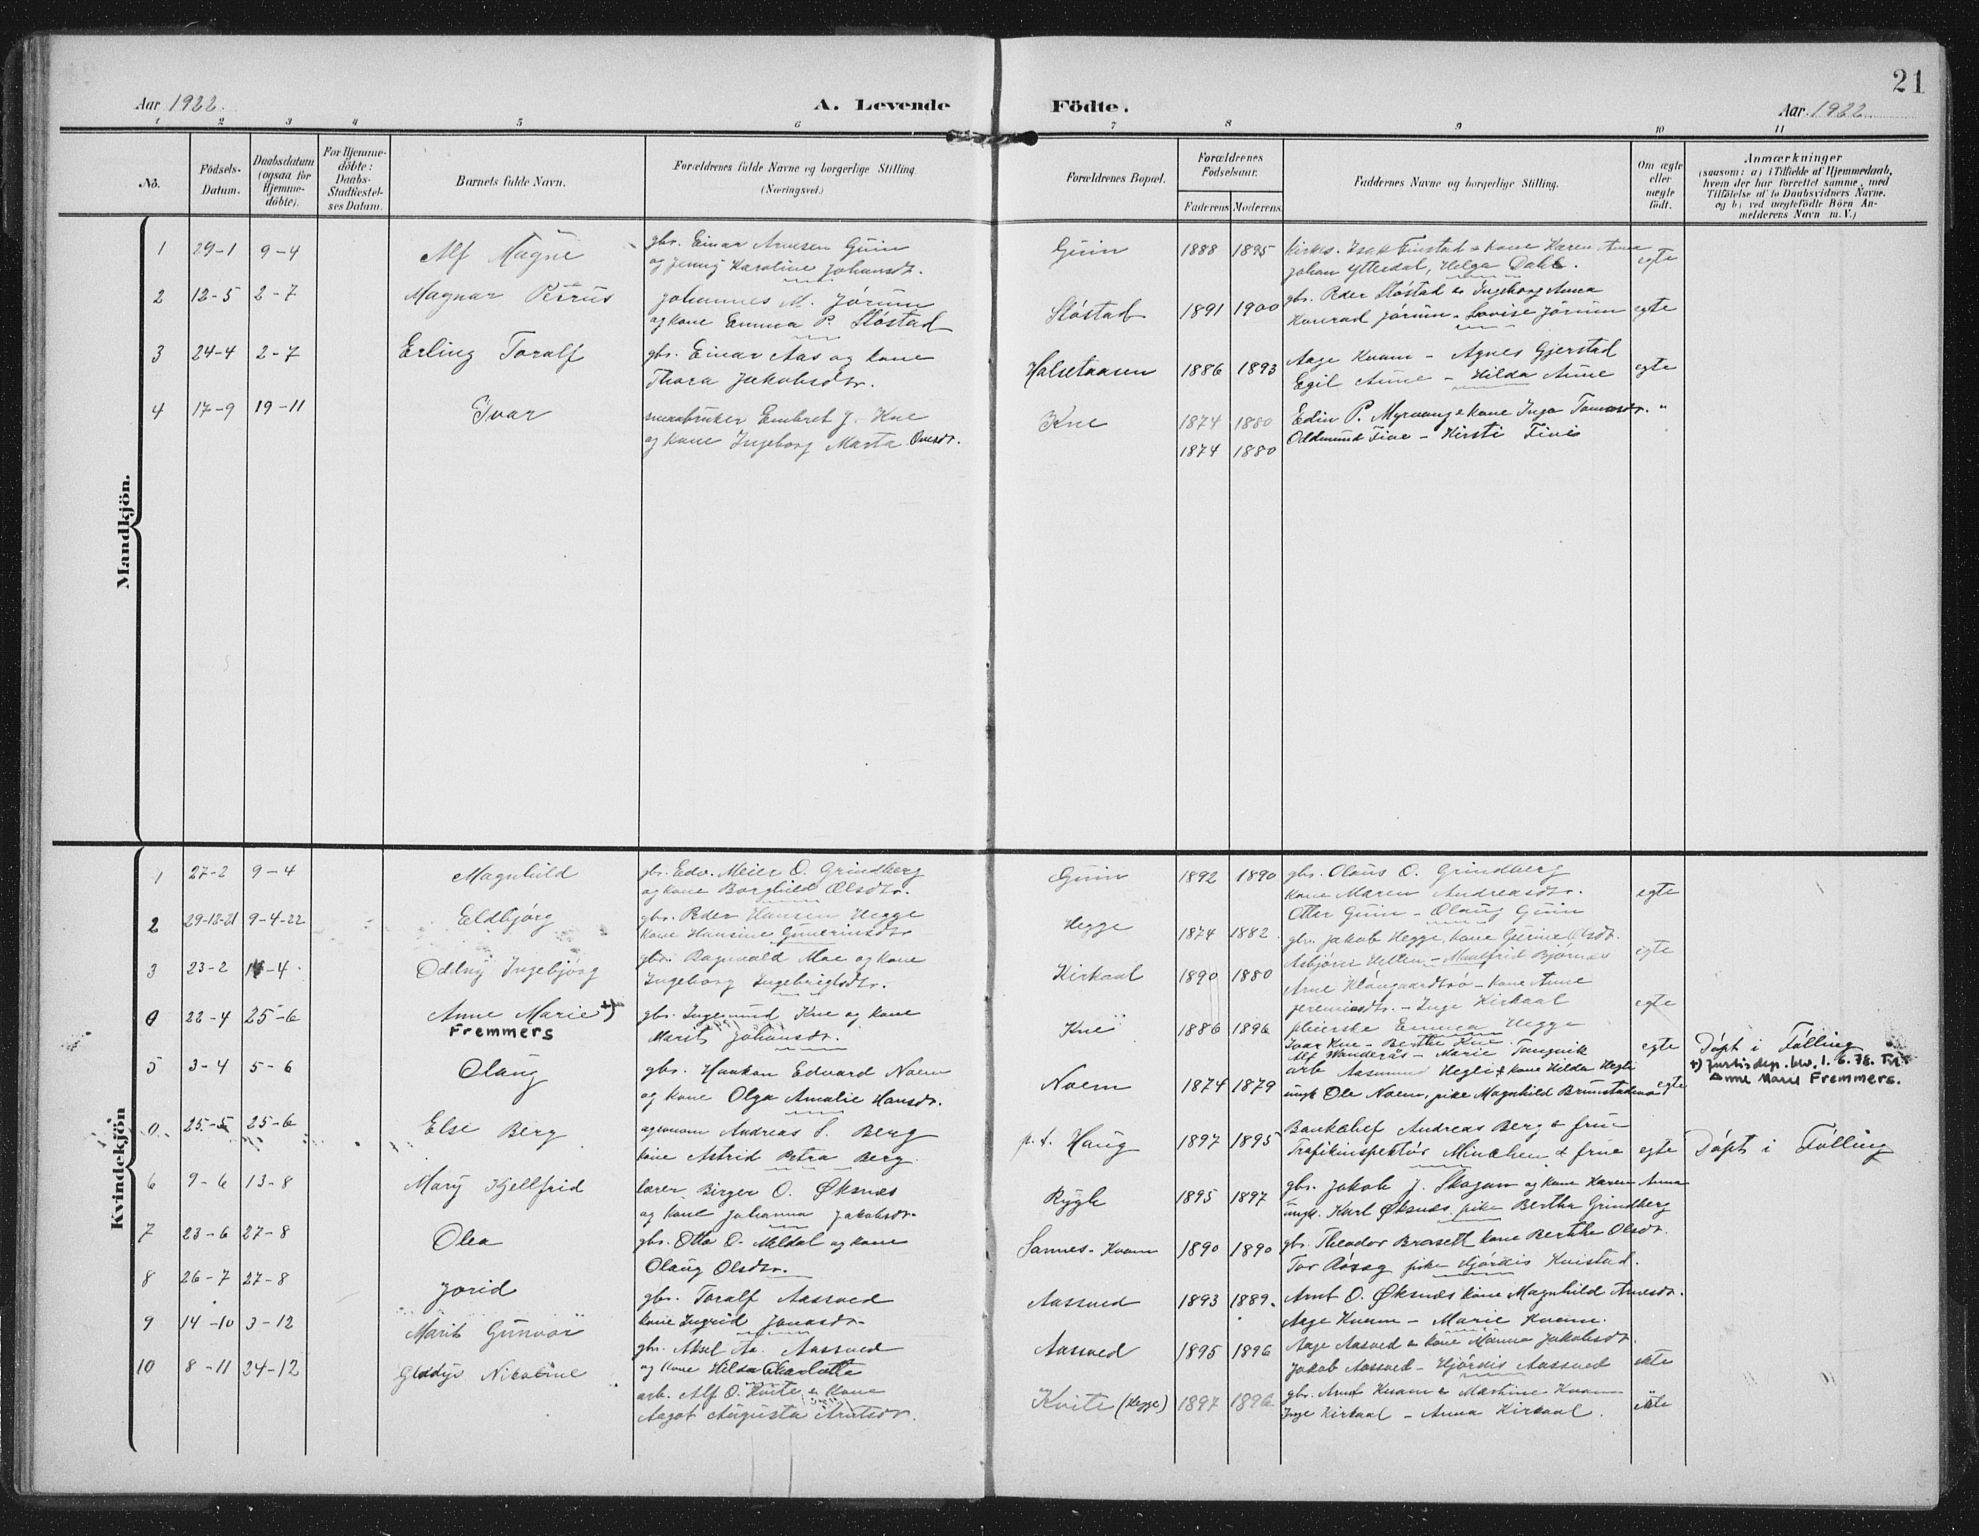 SAT, Ministerialprotokoller, klokkerbøker og fødselsregistre - Nord-Trøndelag, 747/L0460: Klokkerbok nr. 747C02, 1908-1939, s. 21